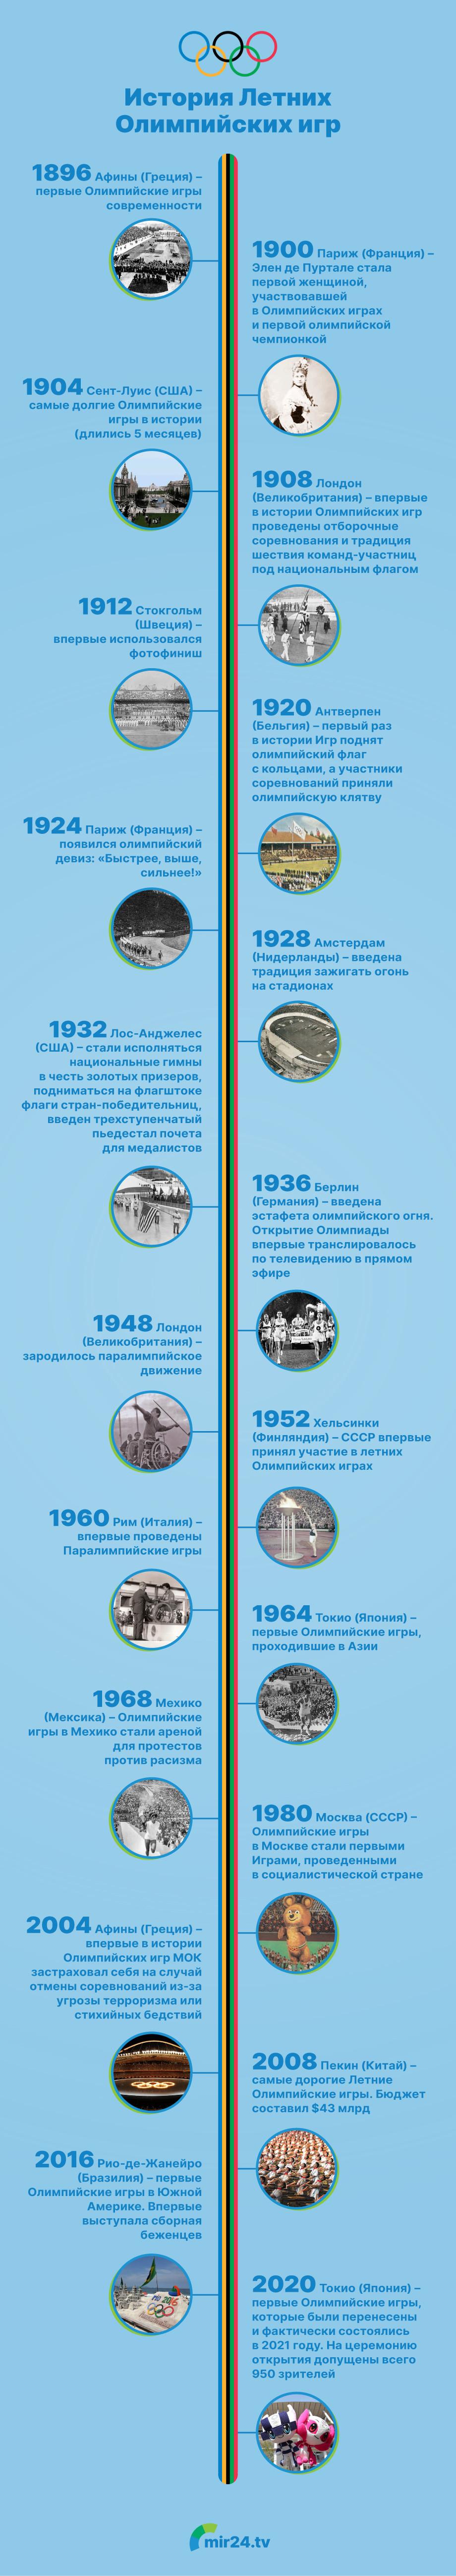 История Летних Олимпийских игр. Инфографика